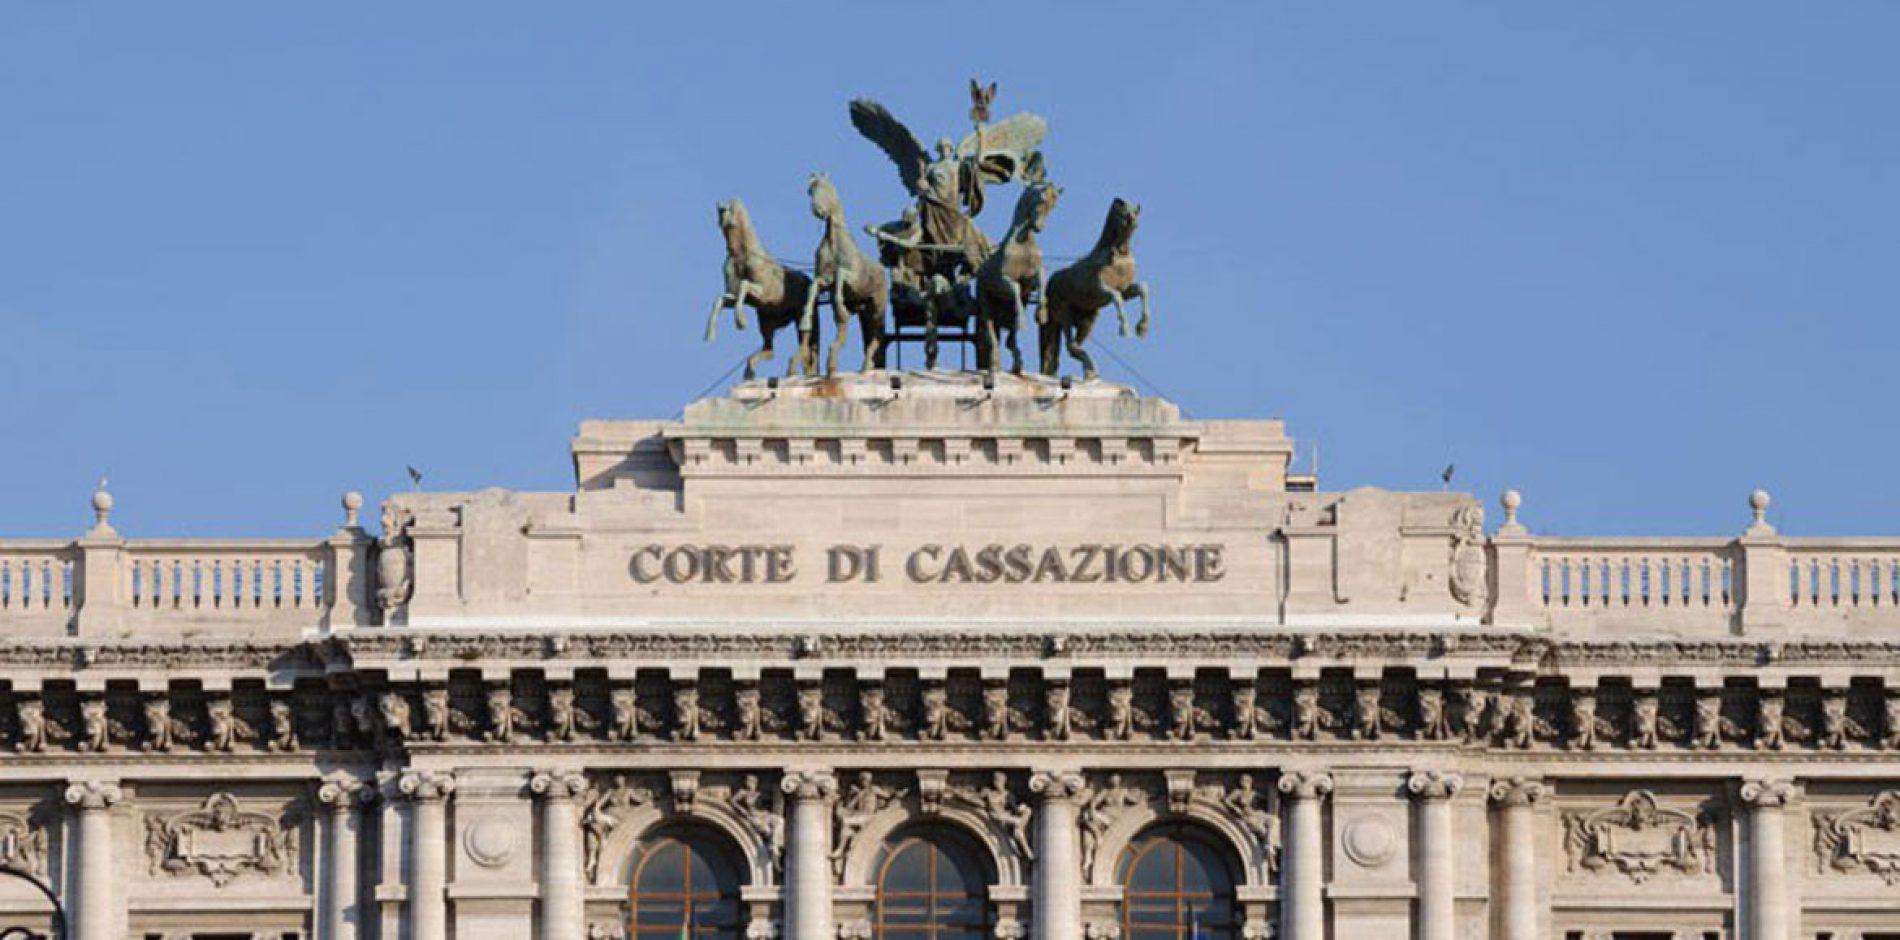 Licenziamenti collettivi e illegittimi: 3 sentenze della Corte di Cassazione